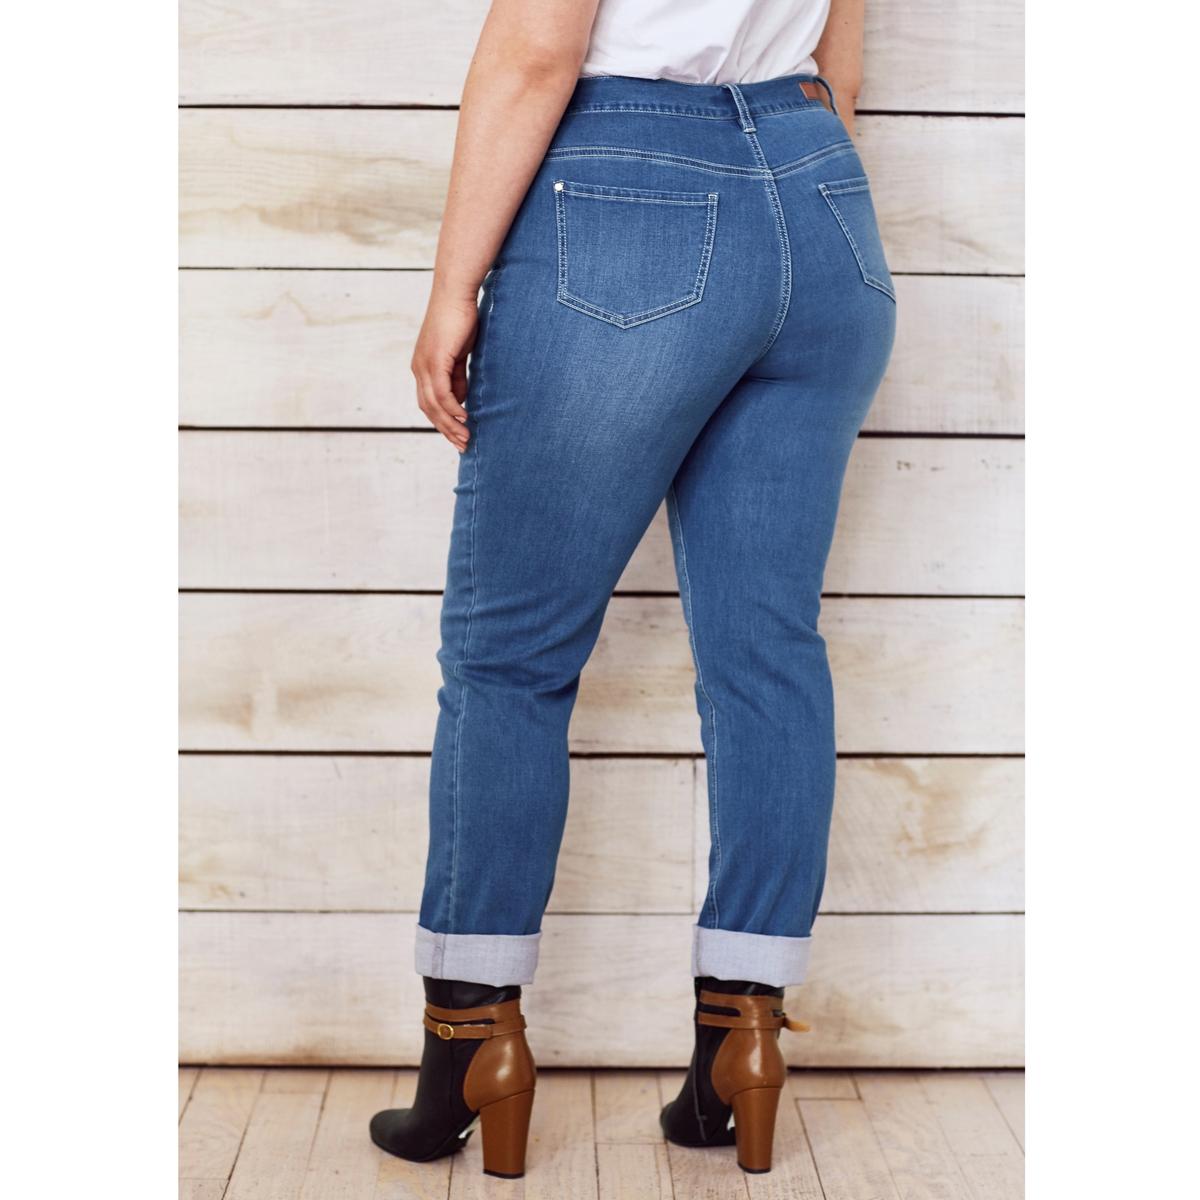 Джинсы прямого покроя стретч,  длина по внутр.шву ок. 78 смДжинсы прямого покроя стретч,  длина по внутр.шву ок.78 см. Деним стретч, 98% хлопка, 2% эластана.Подчеркивается талия, бедра, ягодицы зрительно округляются: прямые джинсы стретч отлично сидят и чрезвычайно удобны! 5 карманов. Рост от 1 м 65 см: длина по внутр.шву ок. 78 см..<br><br>Цвет: голубой потертый,синий потертый,темно-синий,черный<br>Размер: 42 (FR) - 48 (RUS).58 (FR) - 64 (RUS).44 (FR) - 50 (RUS).54 (FR) - 60 (RUS).42 (FR) - 48 (RUS).52 (FR) - 58 (RUS).56 (FR) - 62 (RUS).42 (FR) - 48 (RUS).44 (FR) - 50 (RUS).48 (FR) - 54 (RUS)